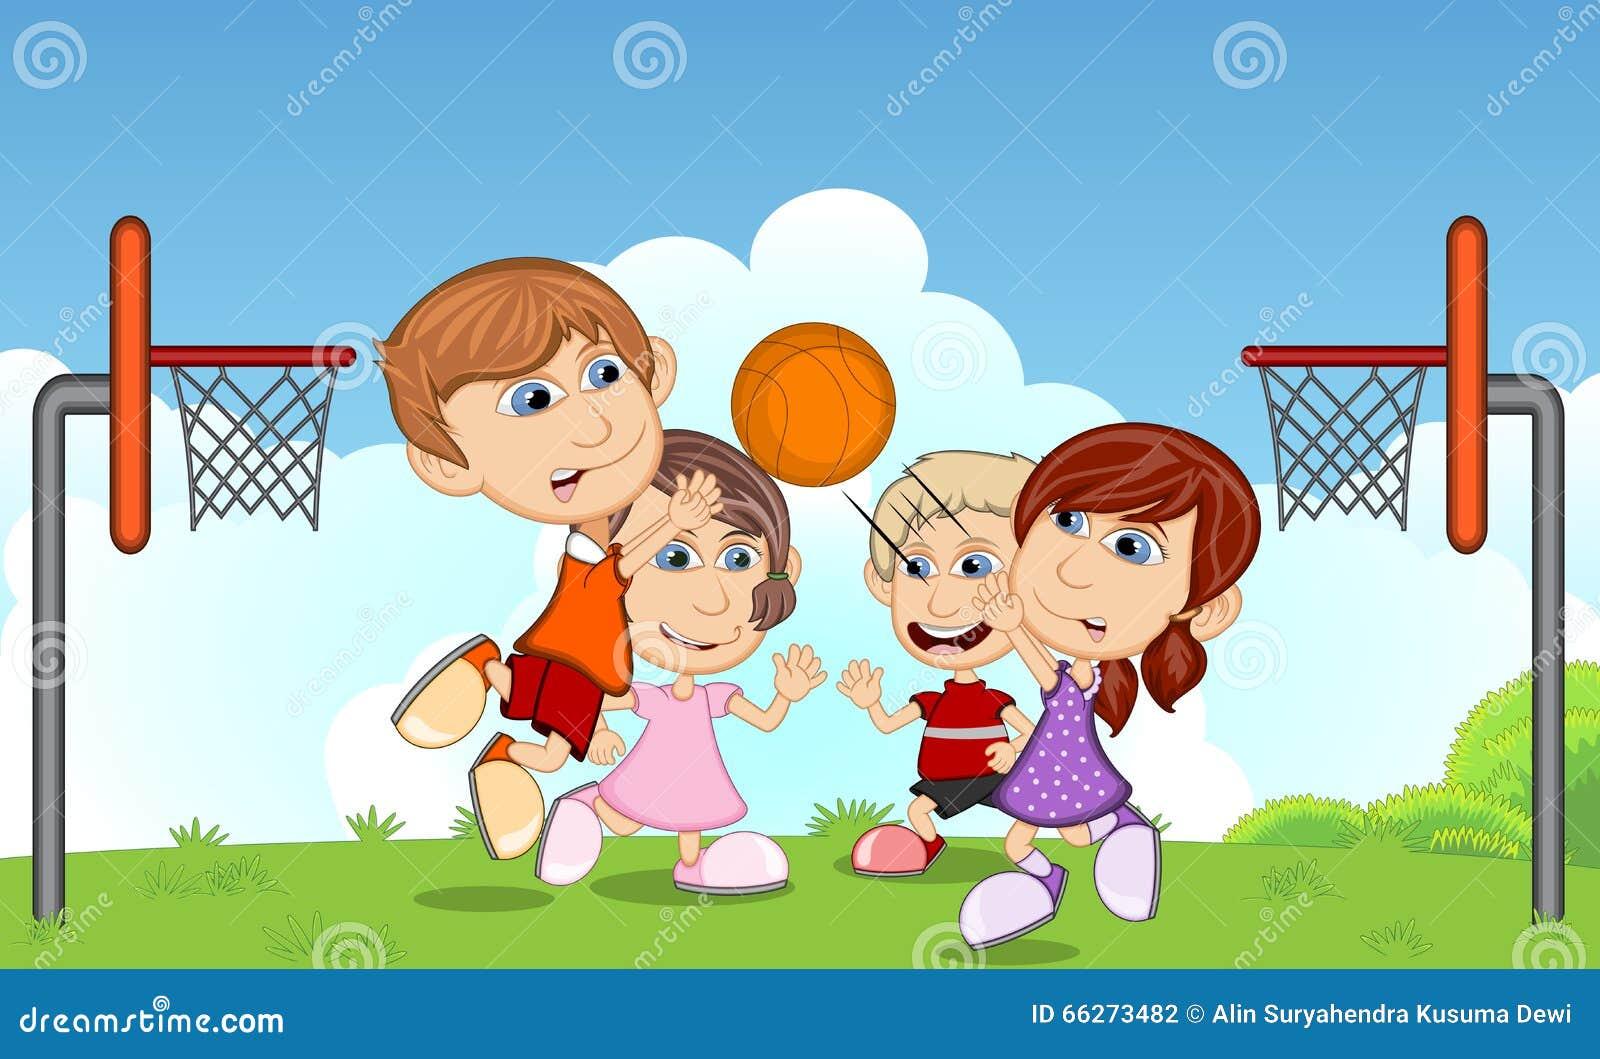 Crianças Que Jogam O Futebol Nos Desenhos Animados Do: Crianças Que Jogam O Basquetebol Nos Desenhos Animados Do